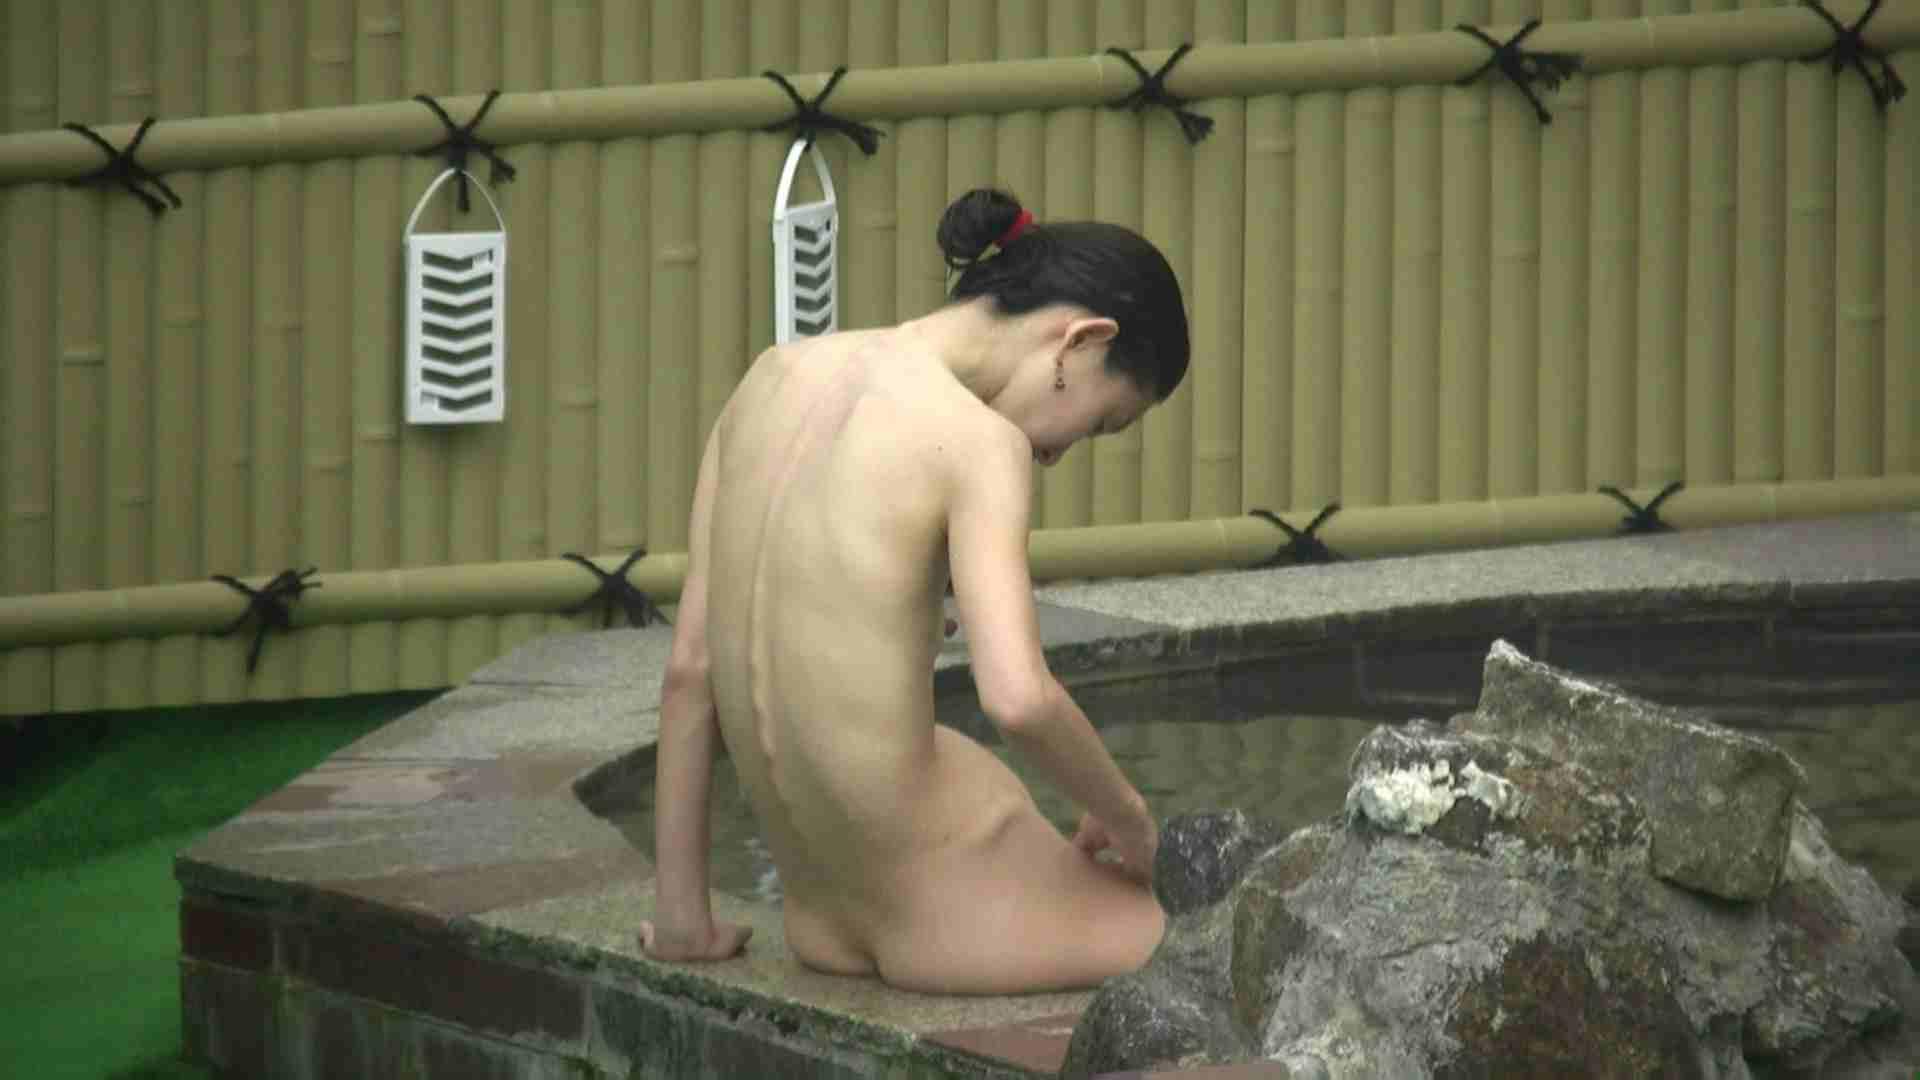 高画質露天女風呂観察 vol.031 望遠映像  104PIX 60